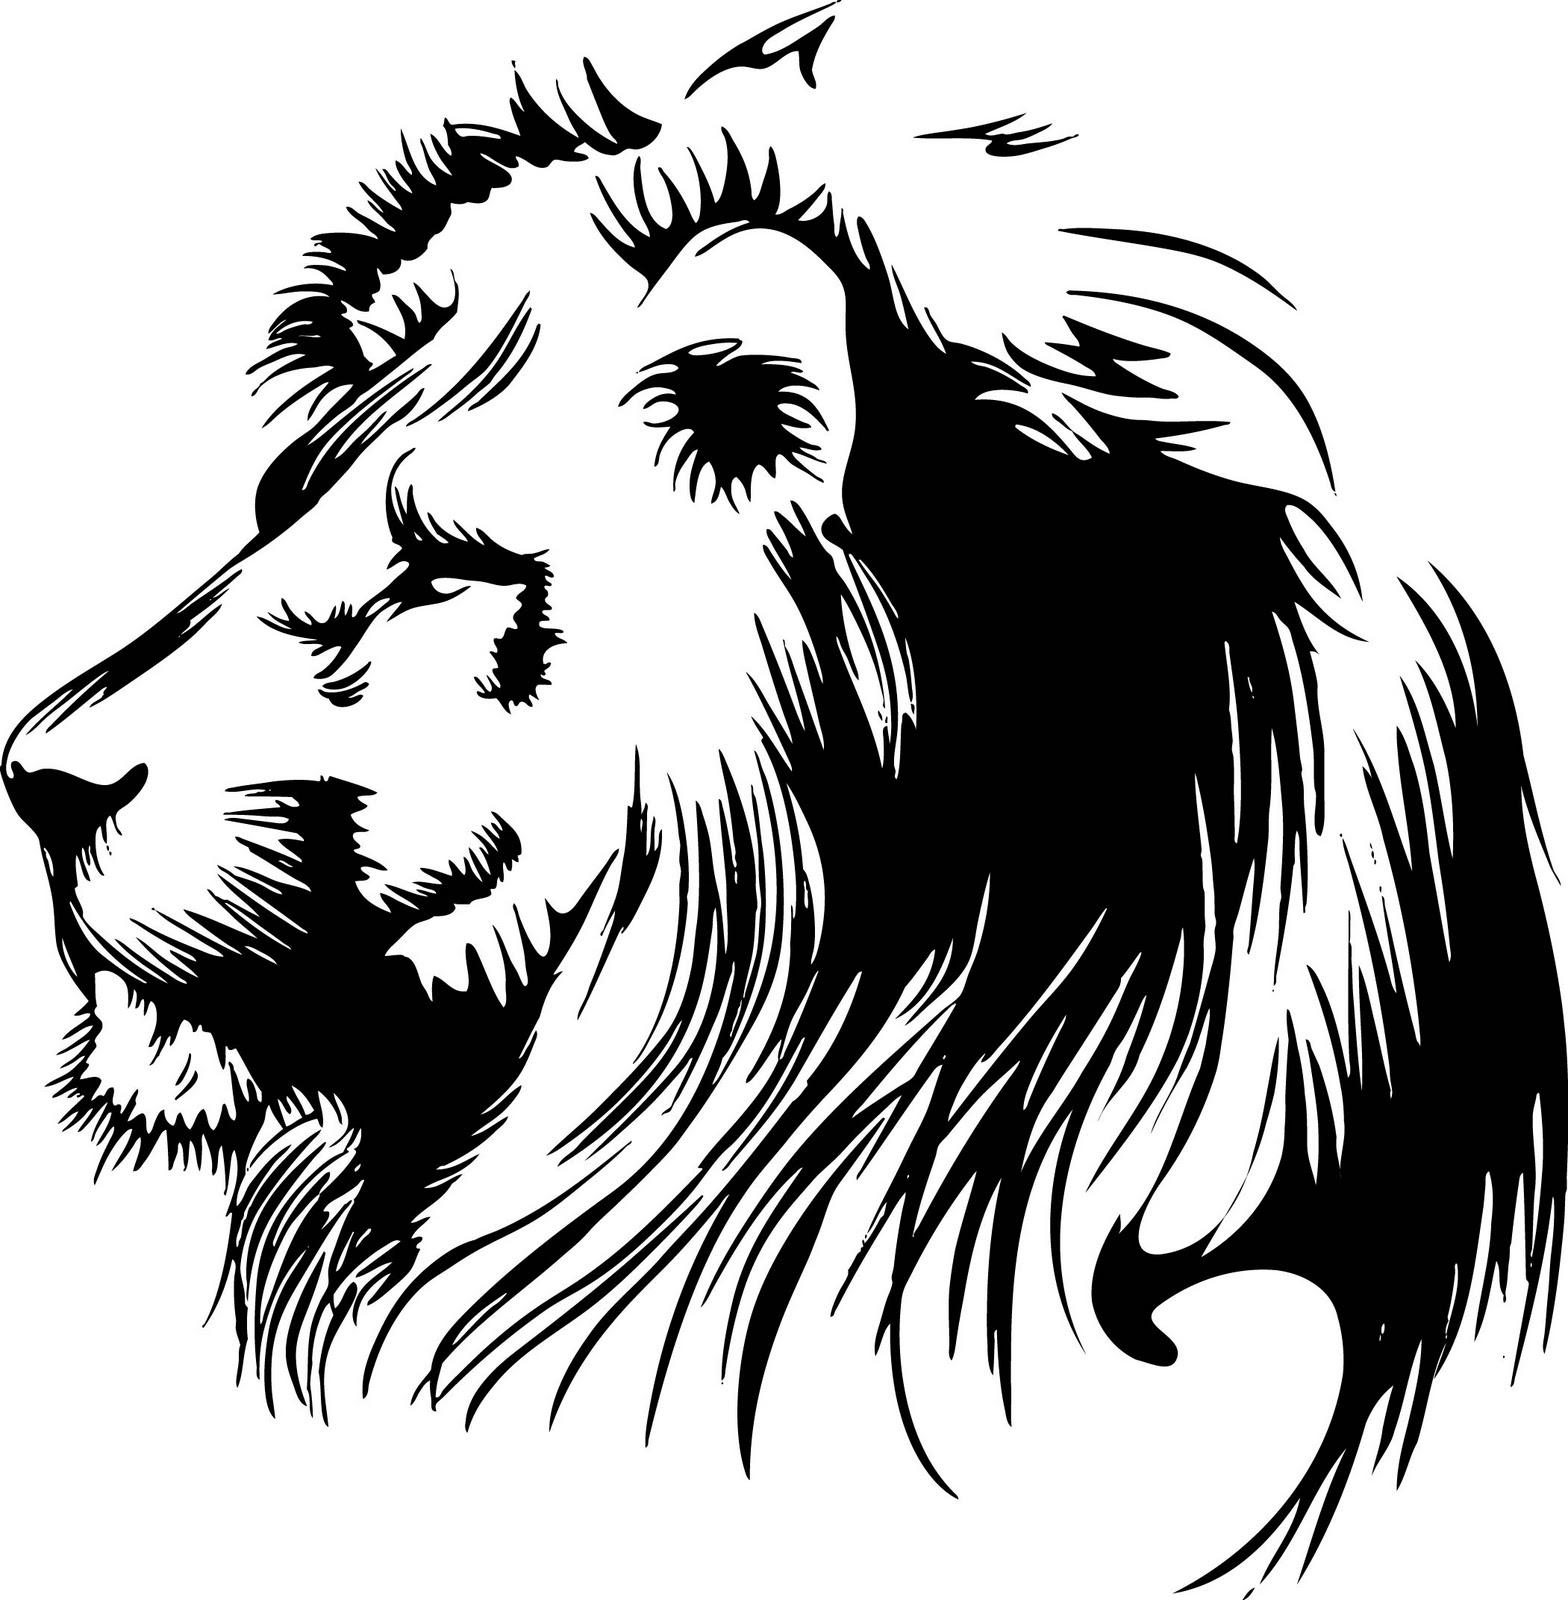 16 Lion Profile Vector Art Images